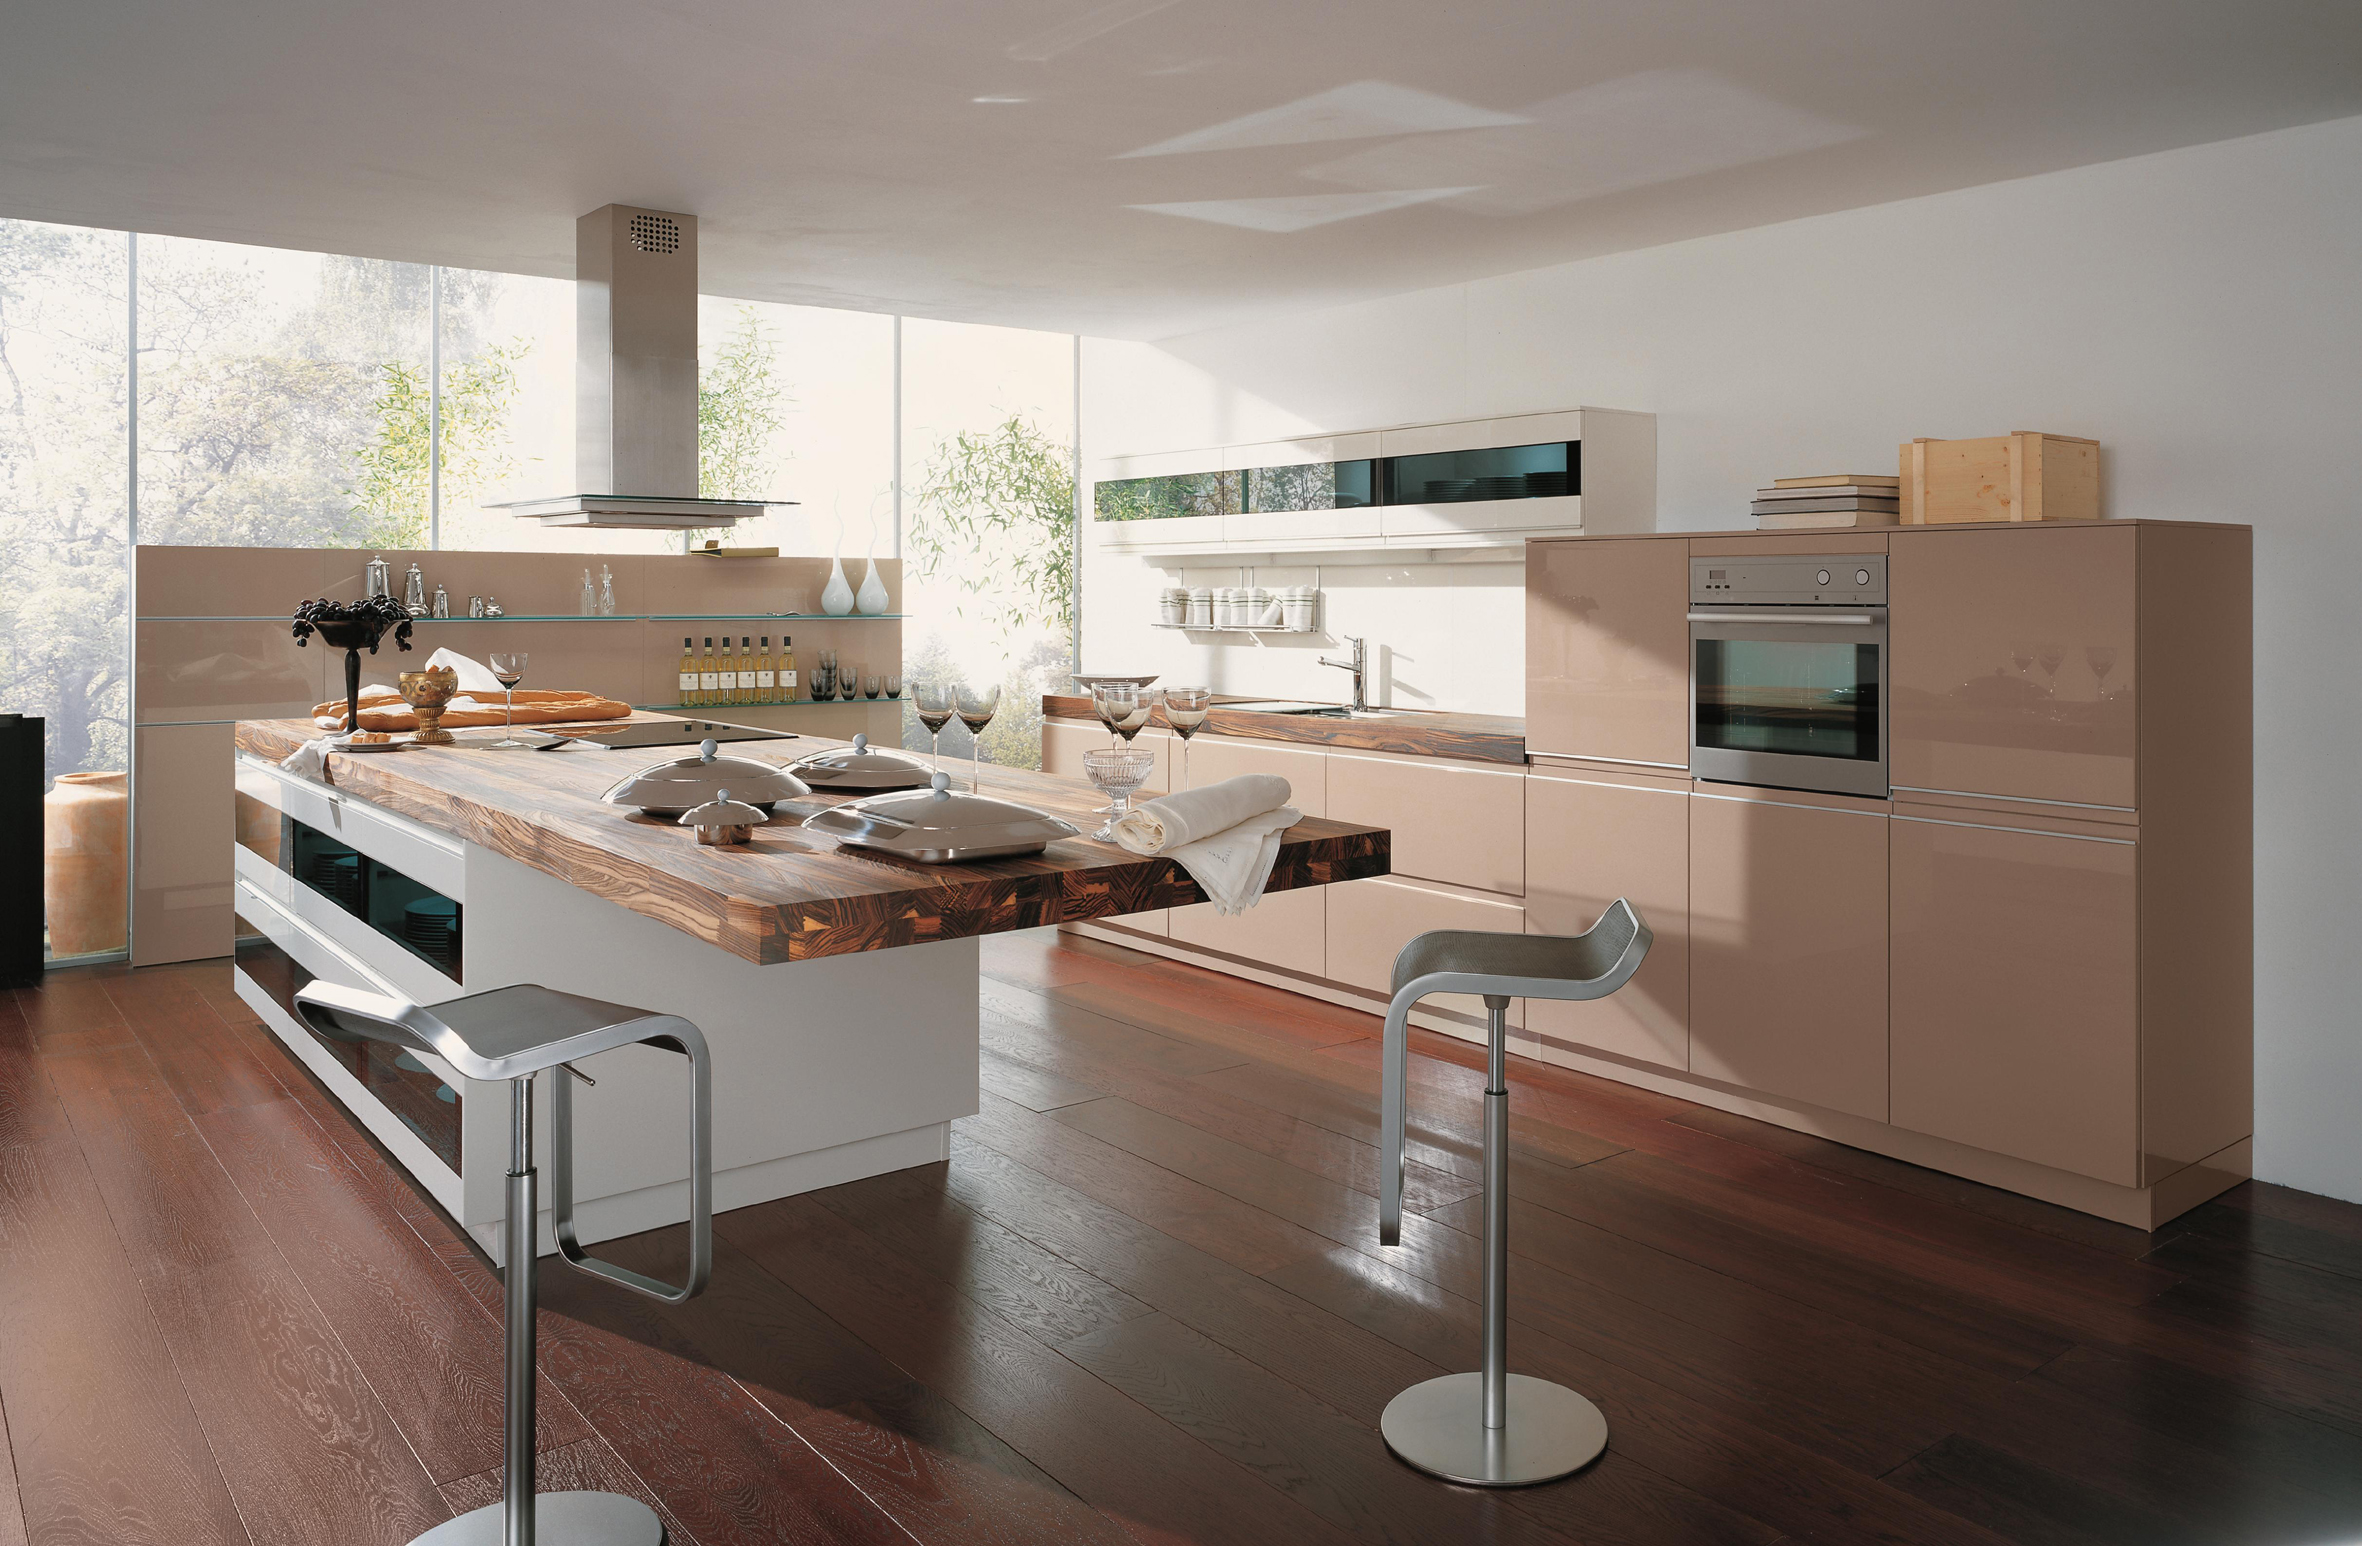 Küche 2011: Kochen in sensationeller Umgebung